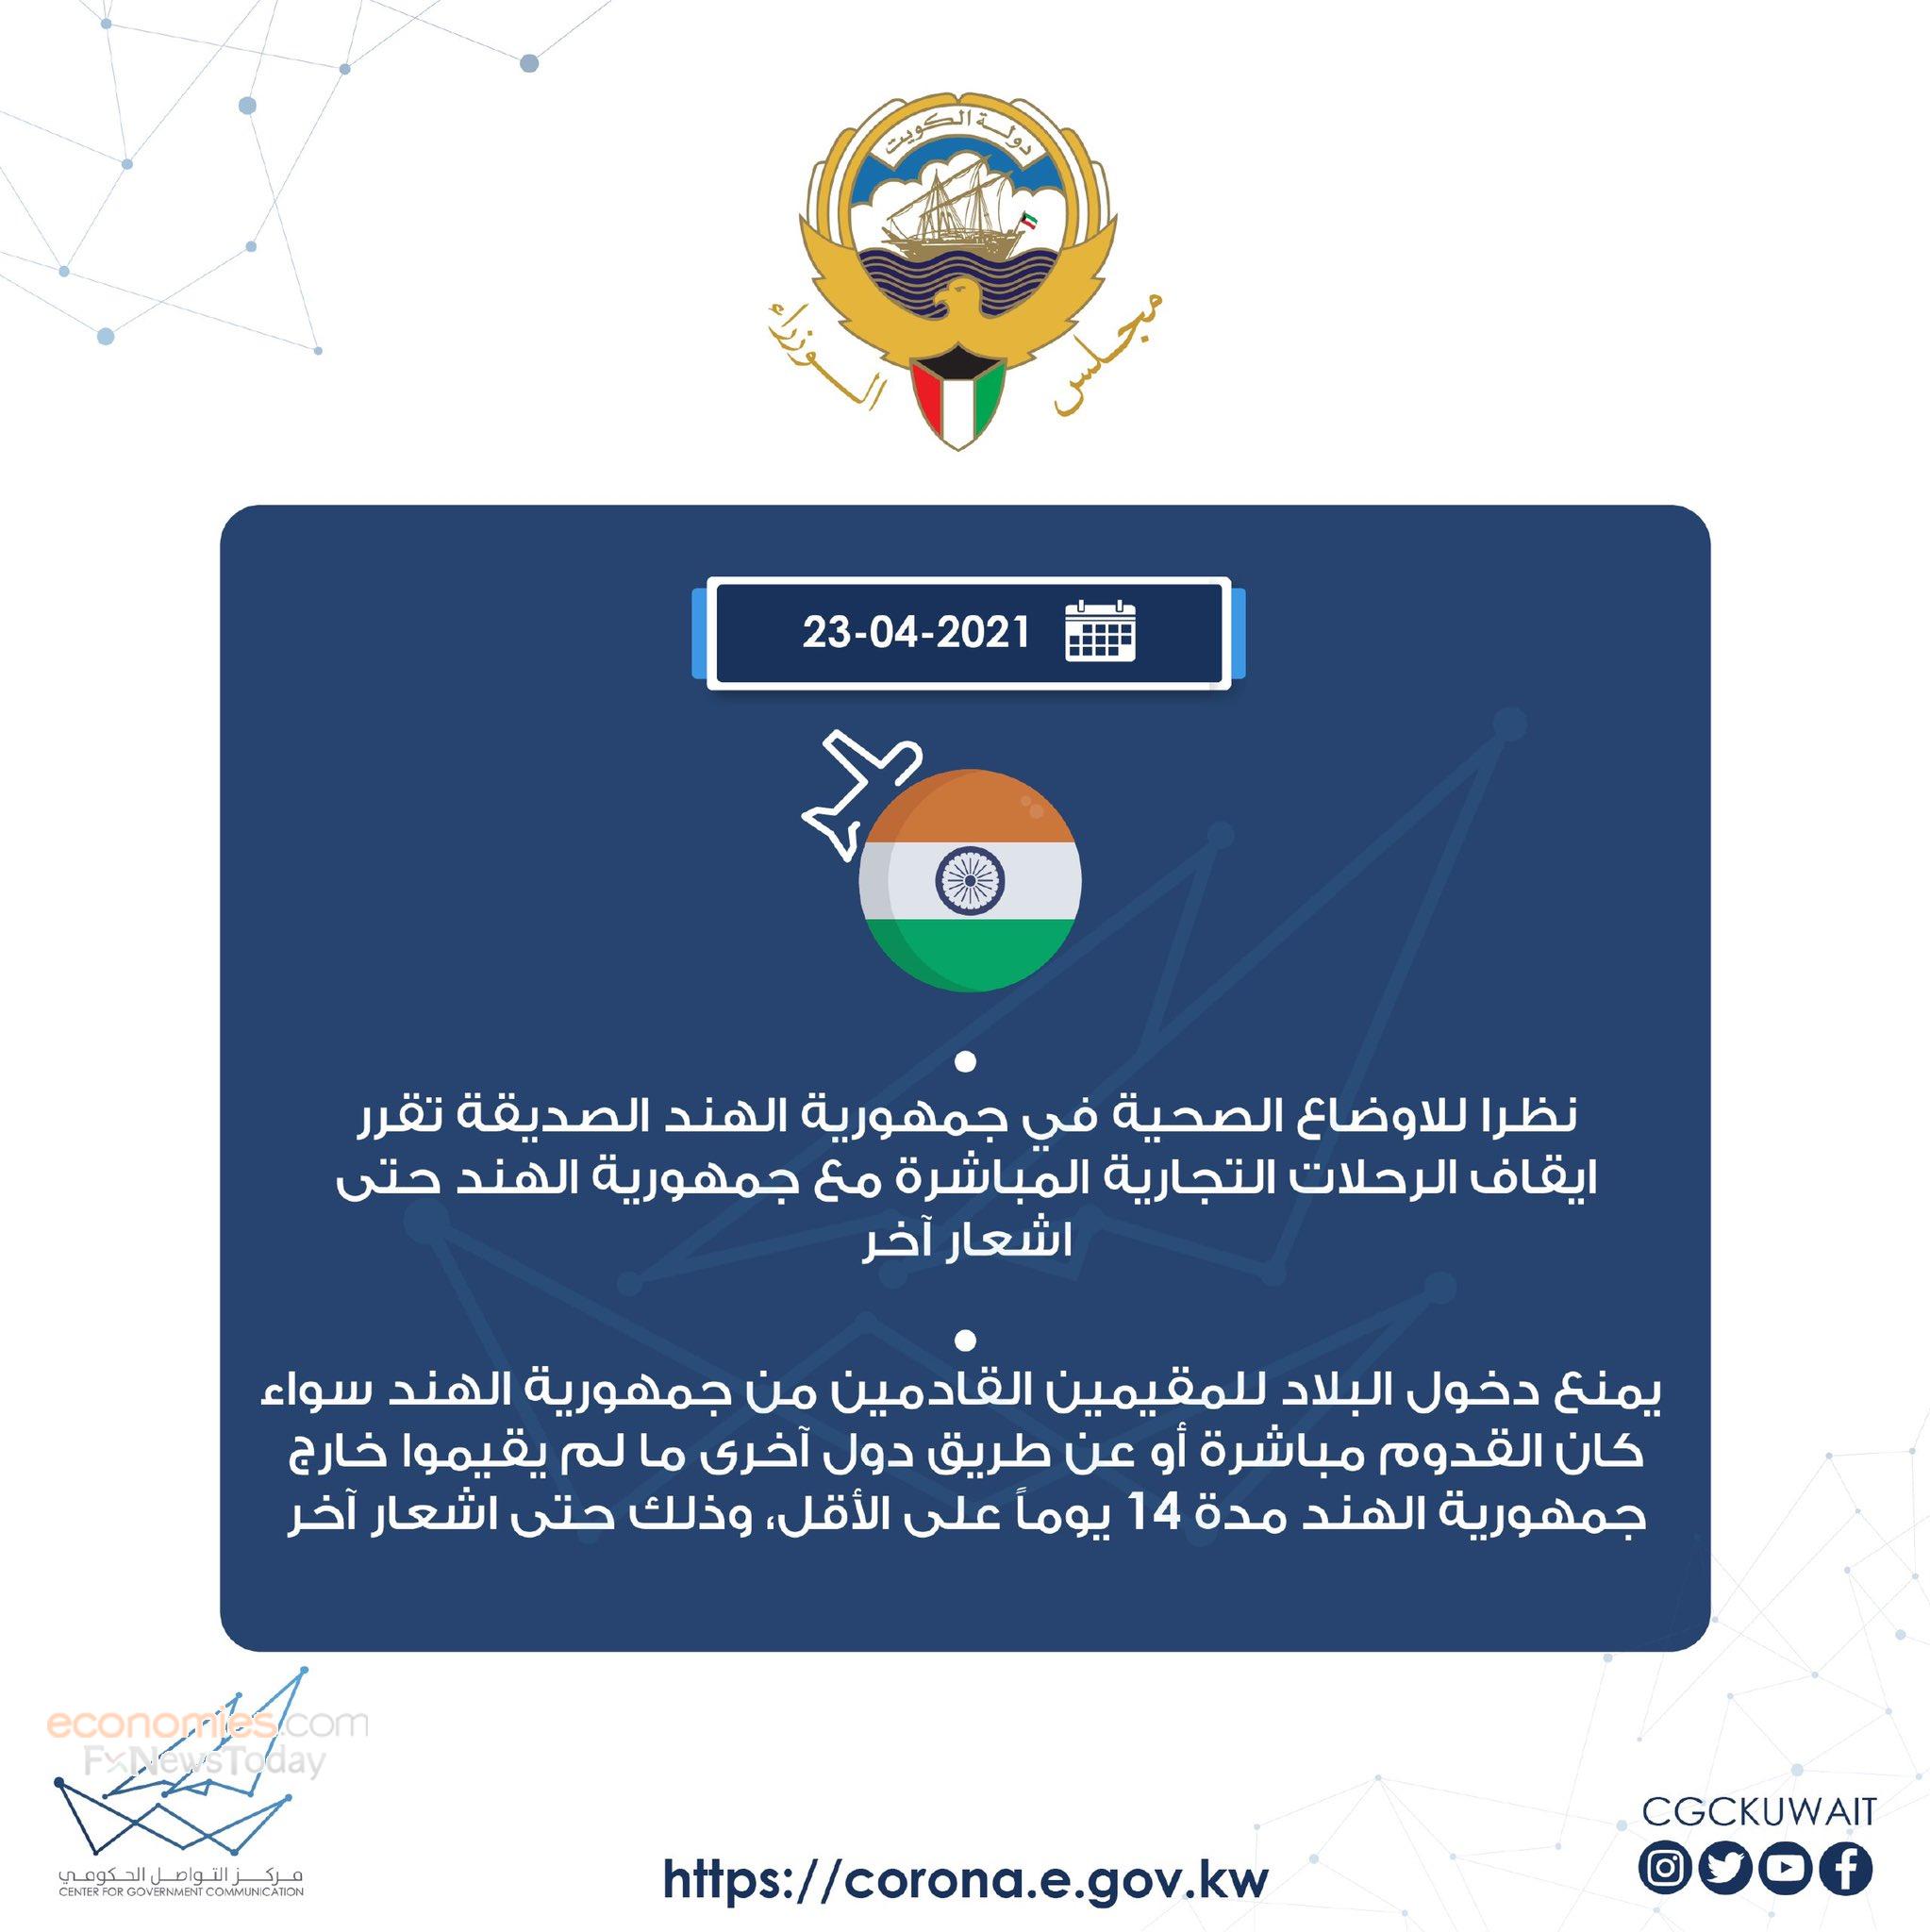 الوزراء الكویتي يقرر تعليق الرحلات الجوية مع الهند بسبب كورونا